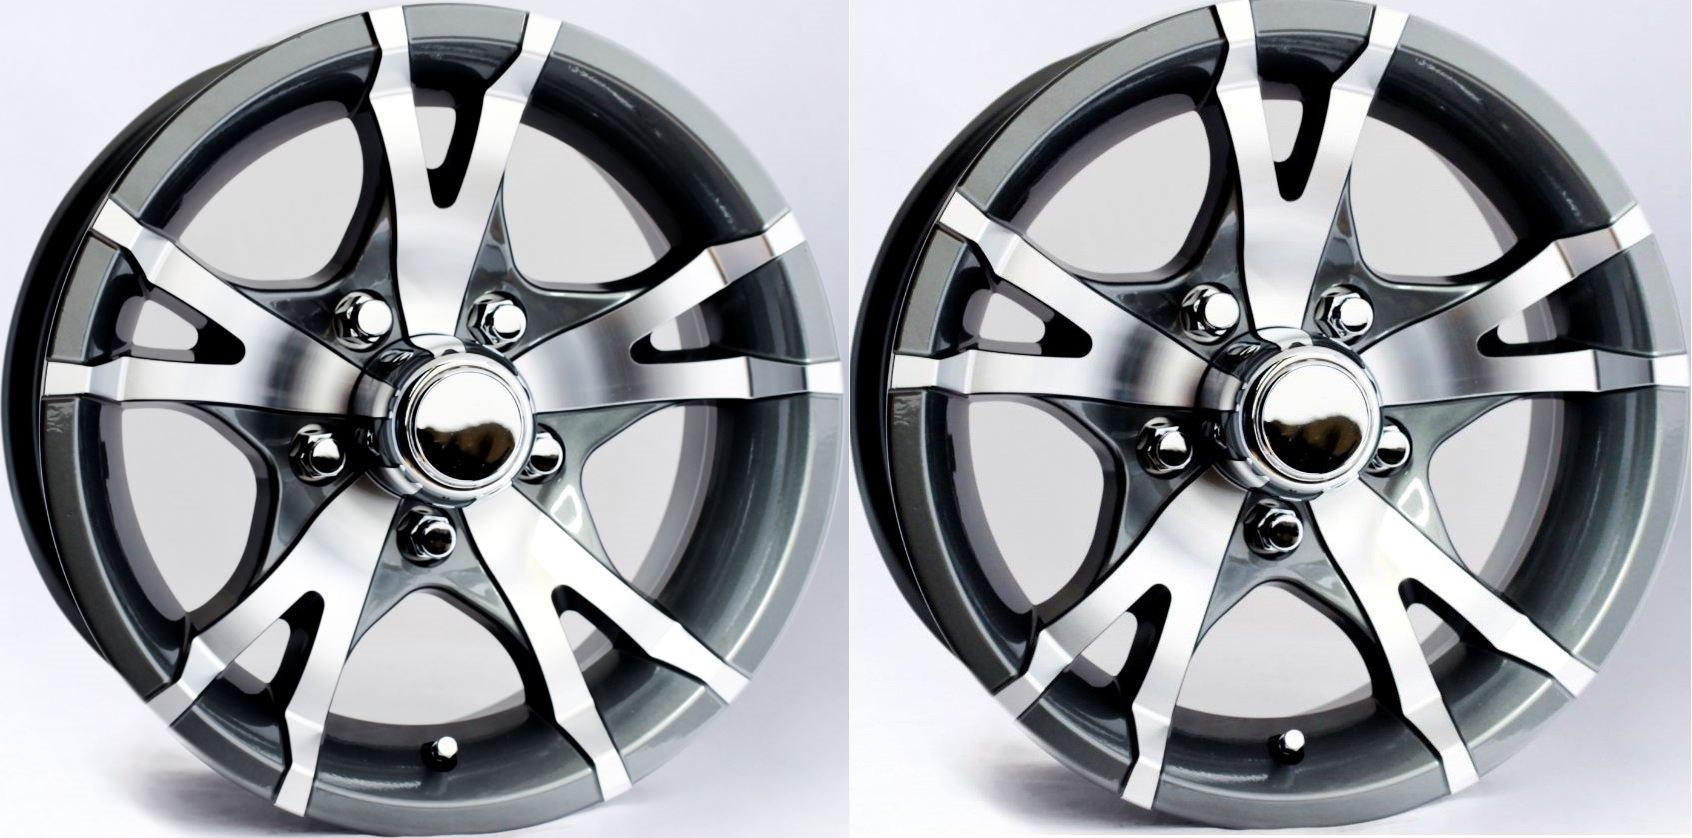 TWO (2) Aluminum Sendel Trailer Rims Wheels 5 Lug 14'' T07 V-Spoke Gray/Style